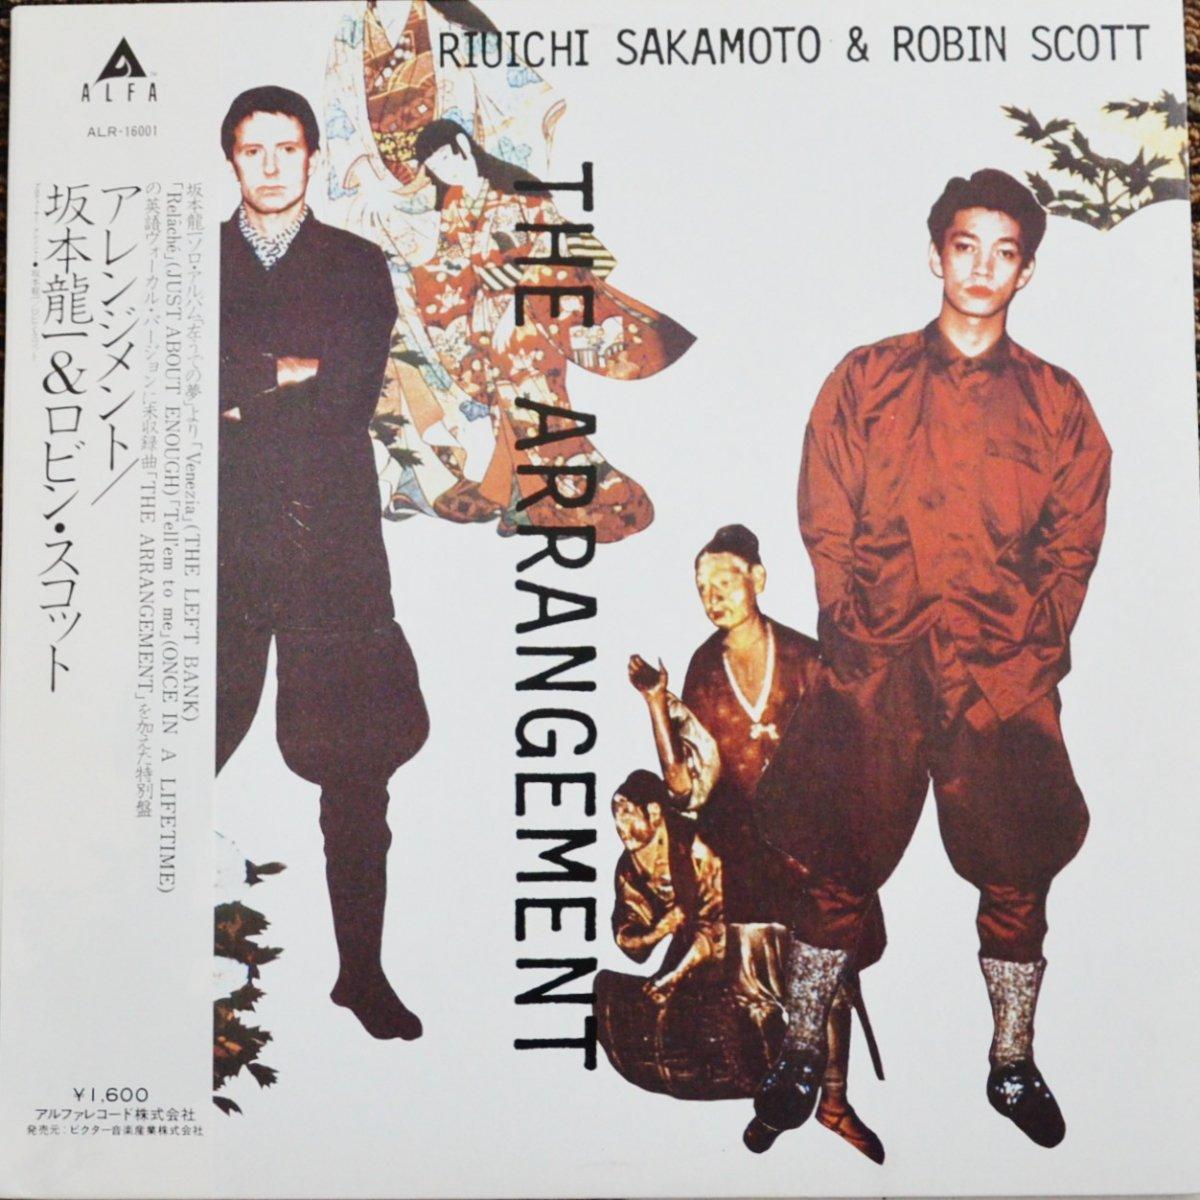 坂本龍一 & ロビン・スコット RYUICHI SAKAMOTO & ROBIN SCOTT / アレンジメント THE ARRANGEMENT (12